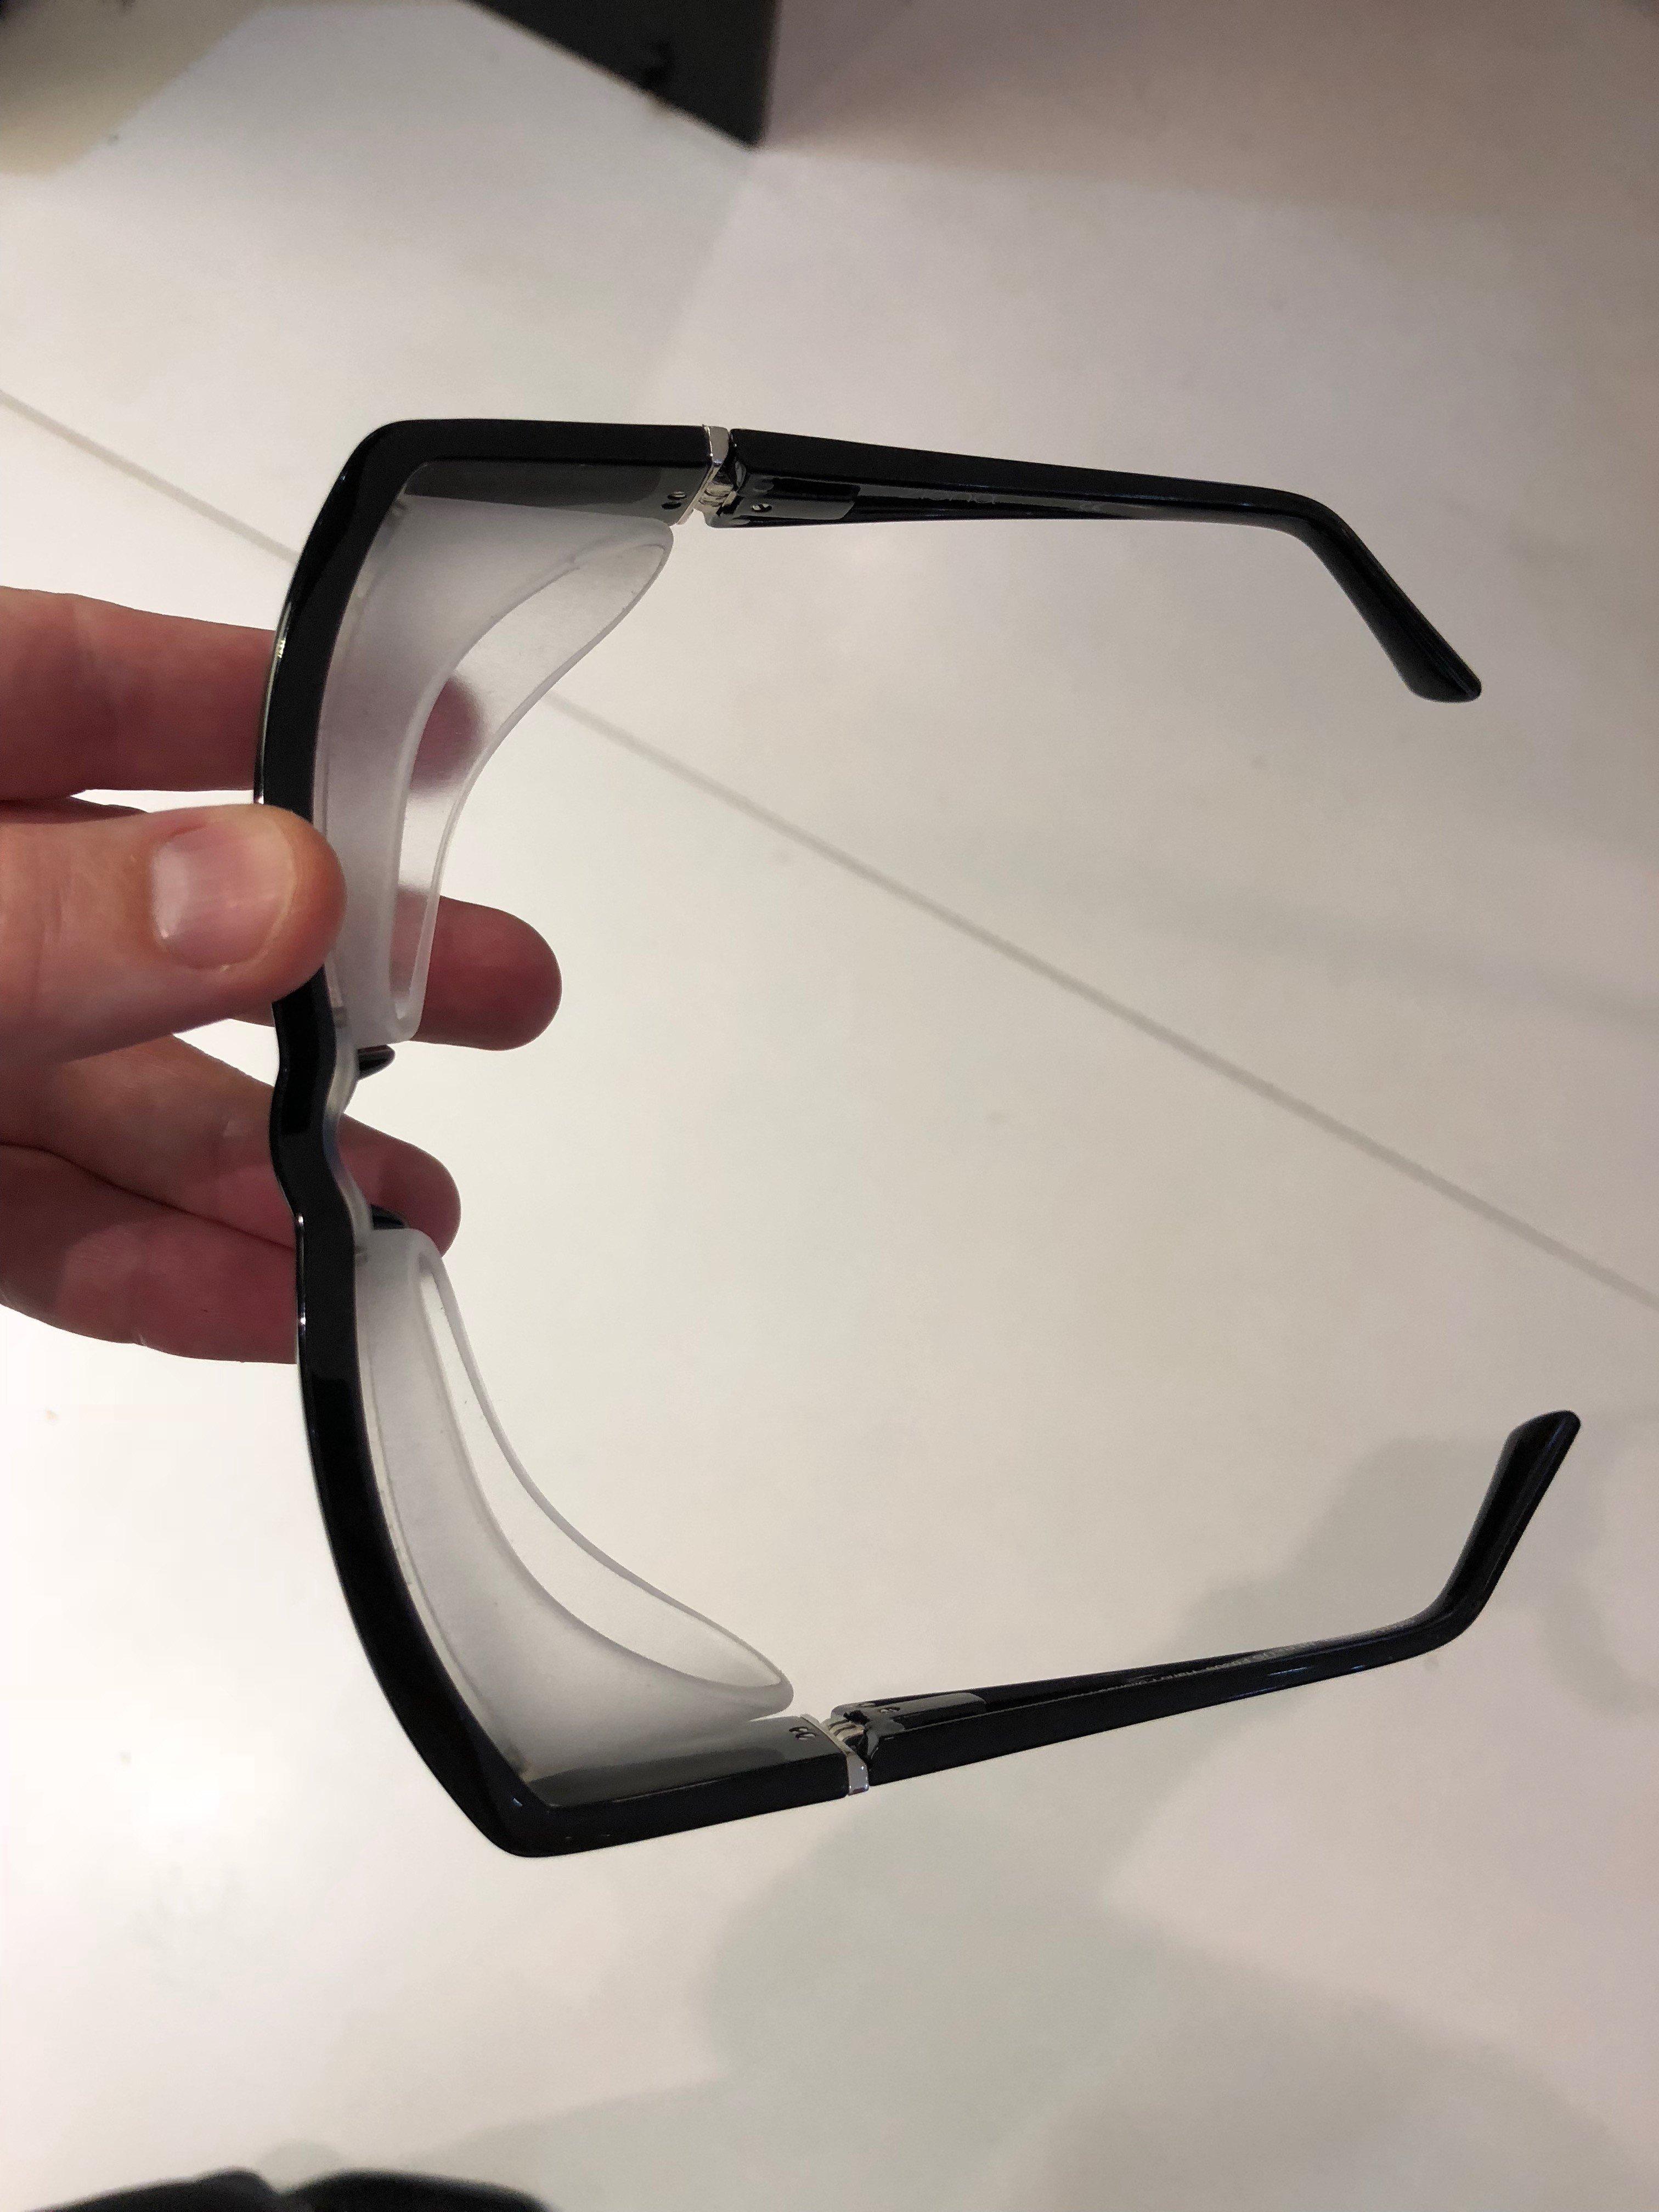 Óculos com proteção lateral - Auxiliam a evitar o ressecamento dos olhos